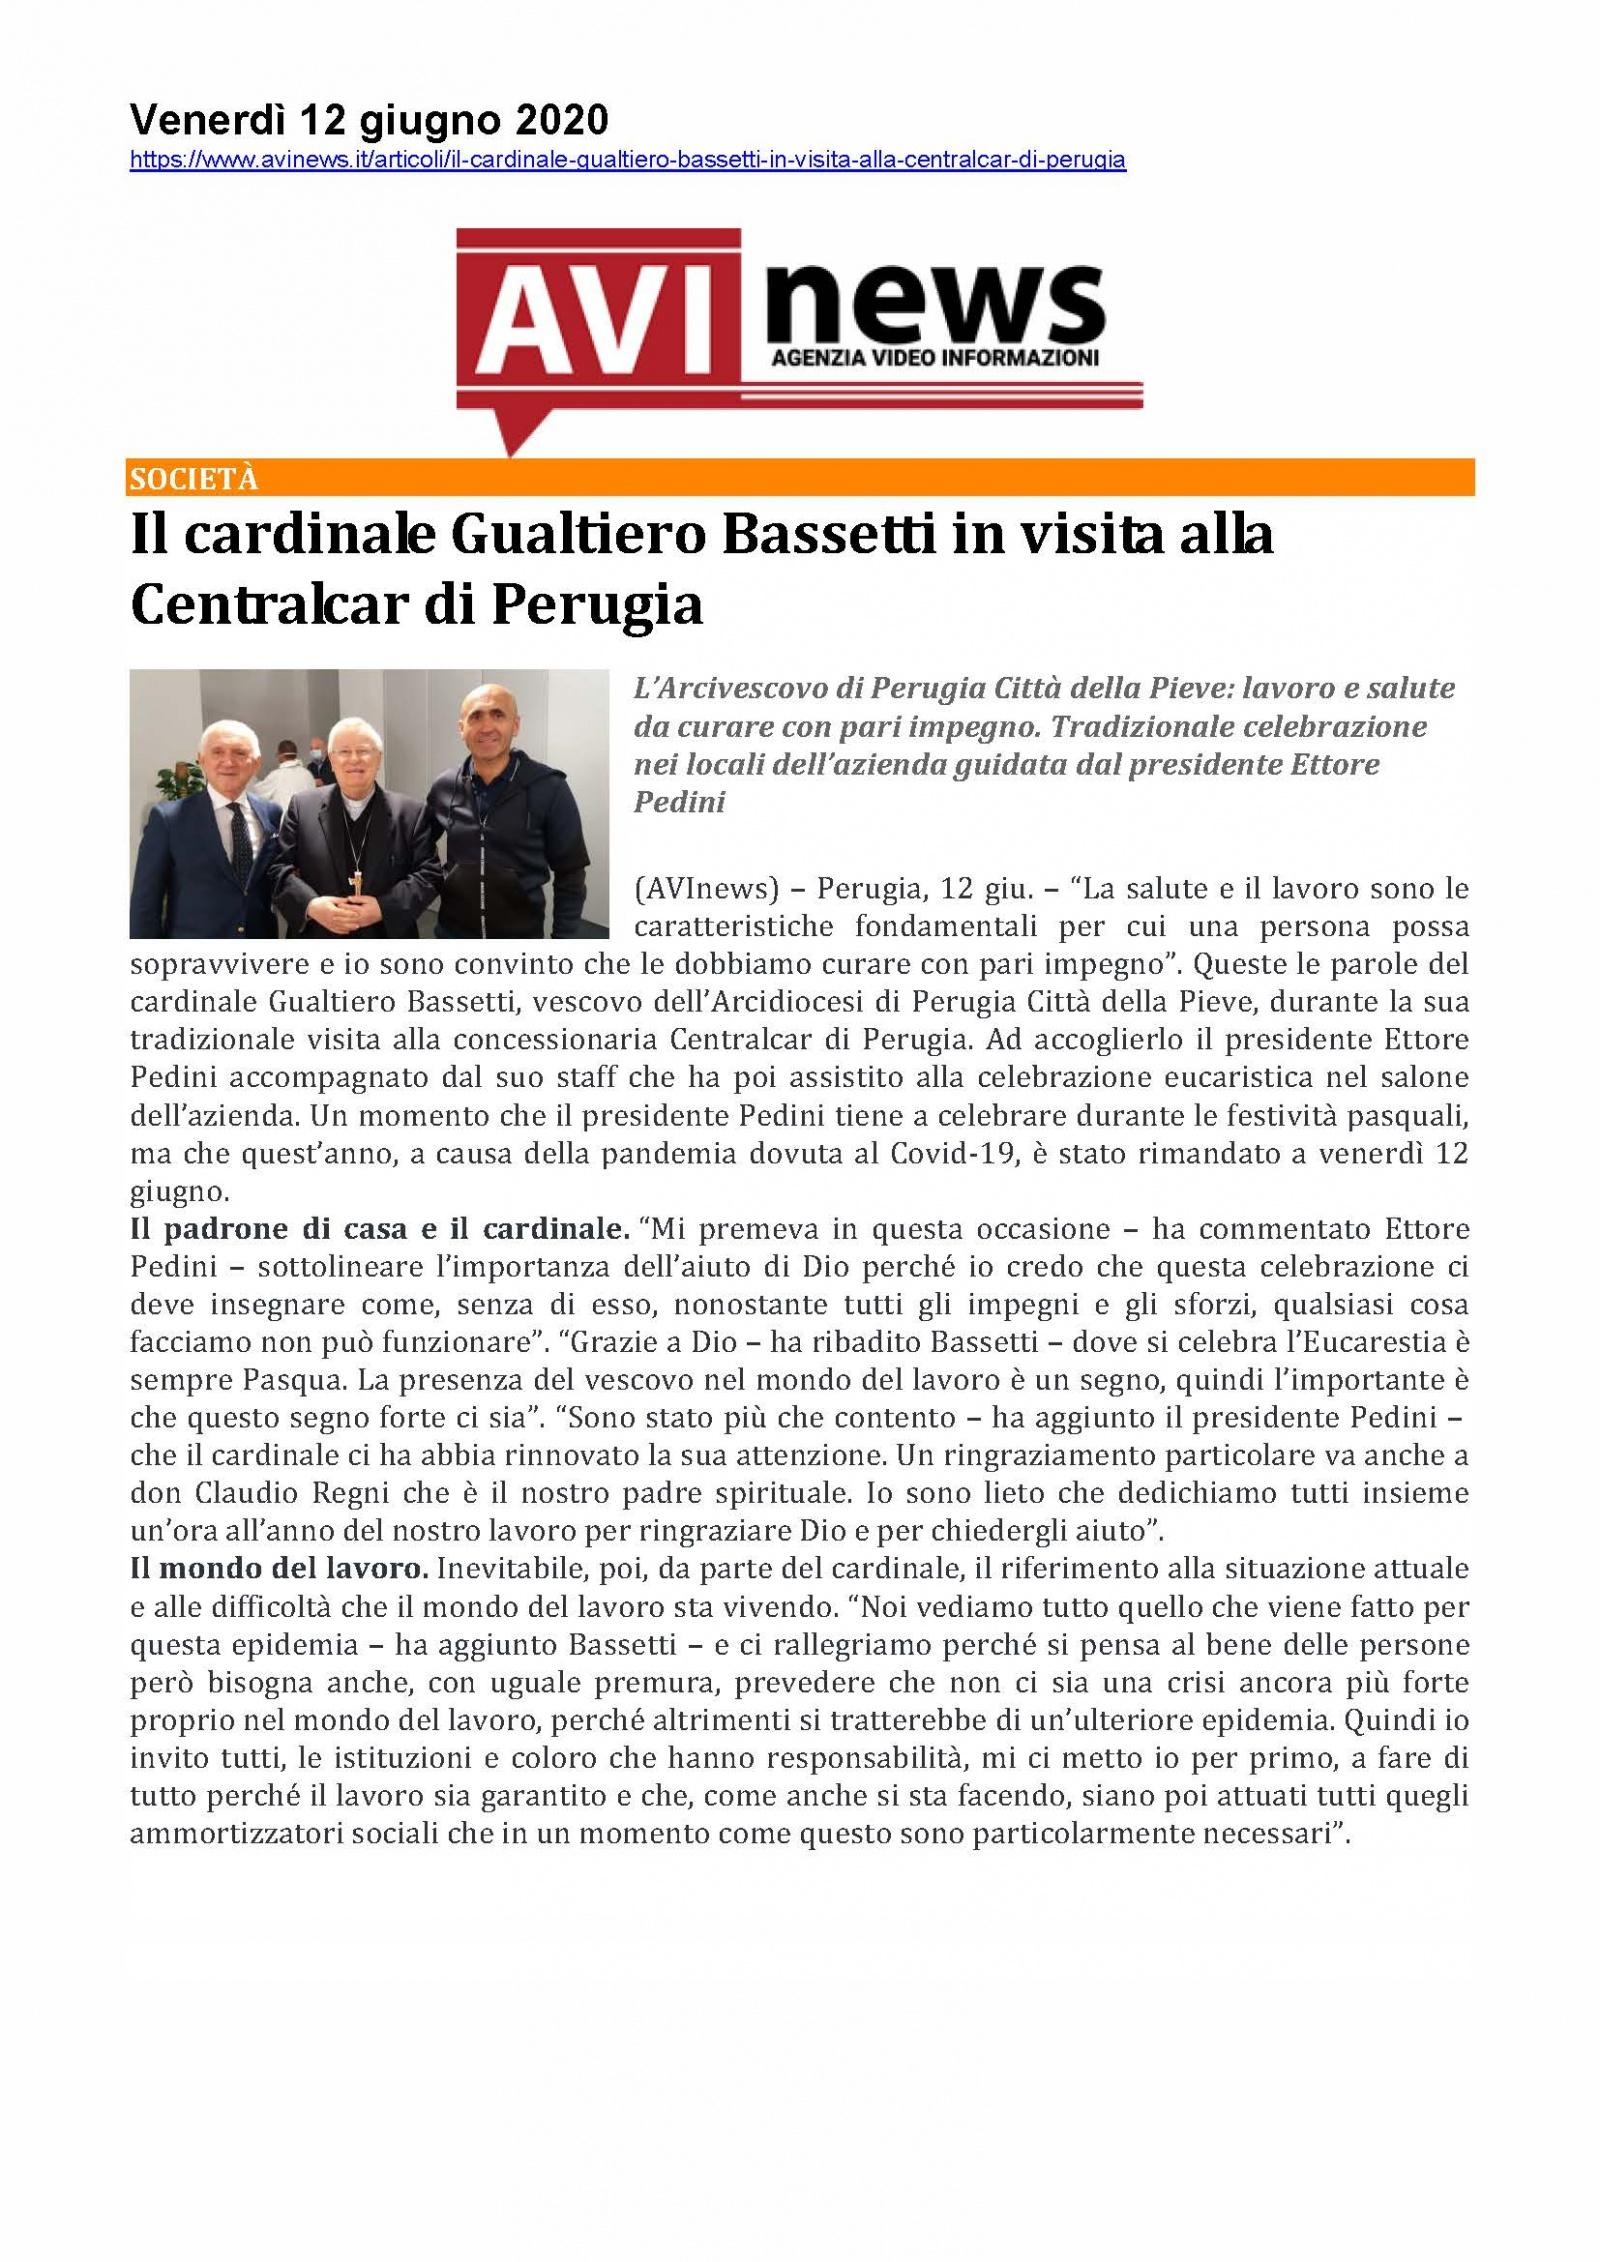 Il cardinale Gualtiero Bassetti in visita alla Centralcar di Perugia